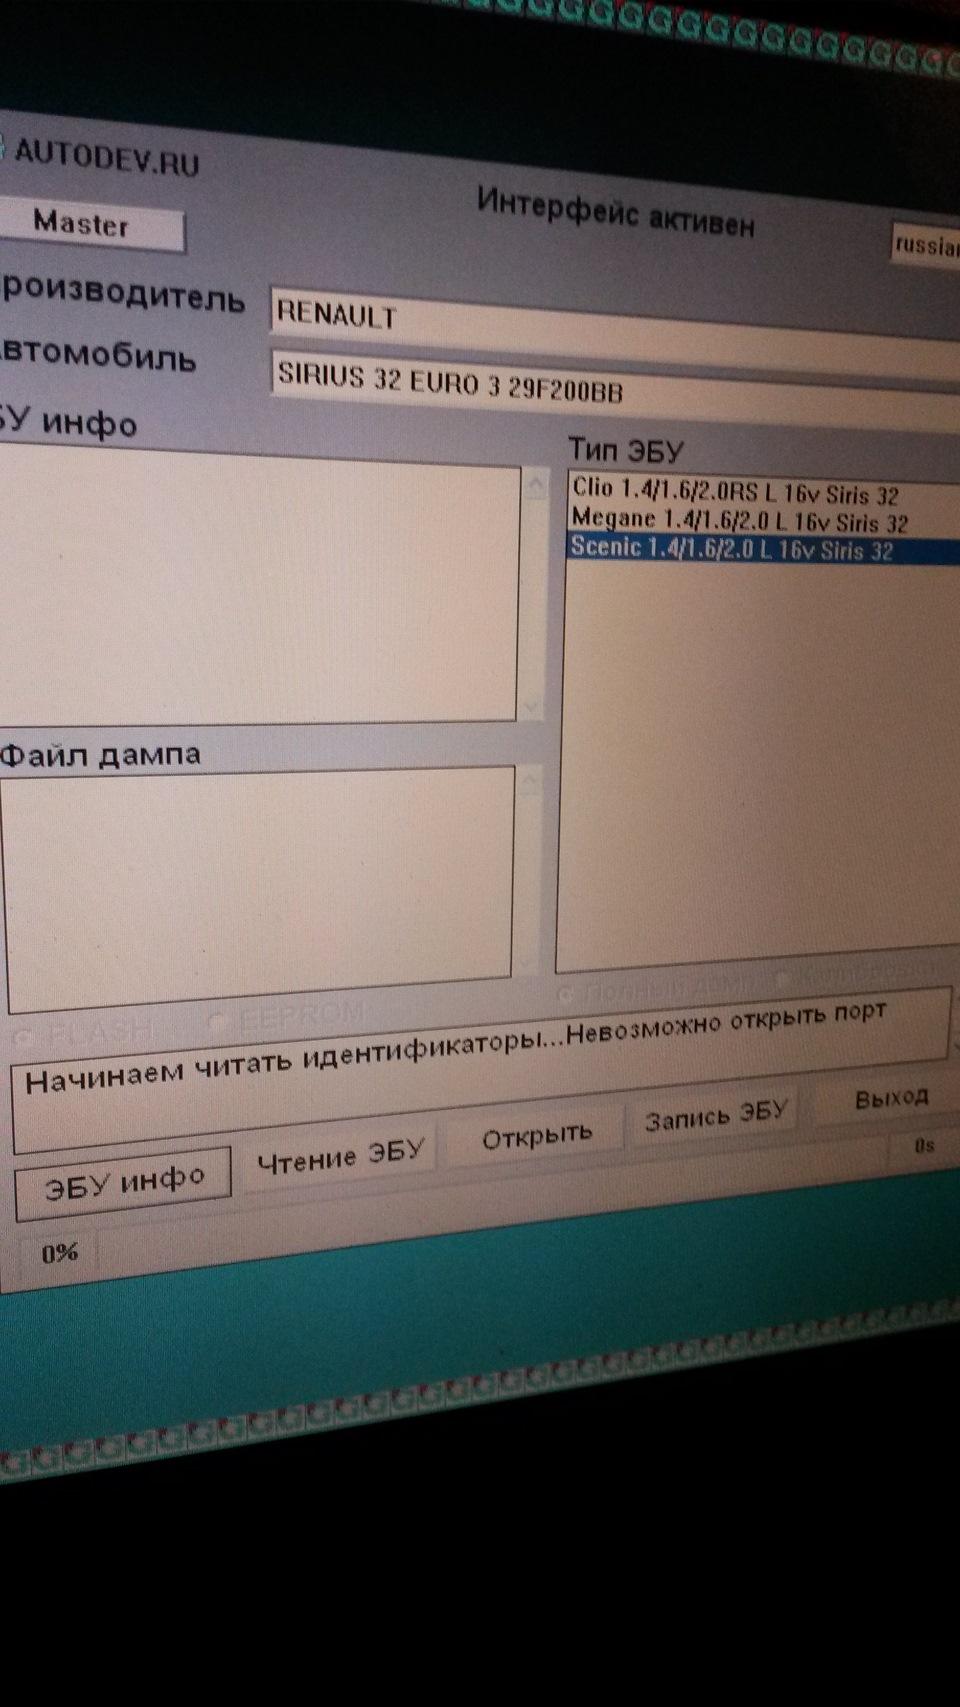 Програмку galletto 1260 российский можно тут